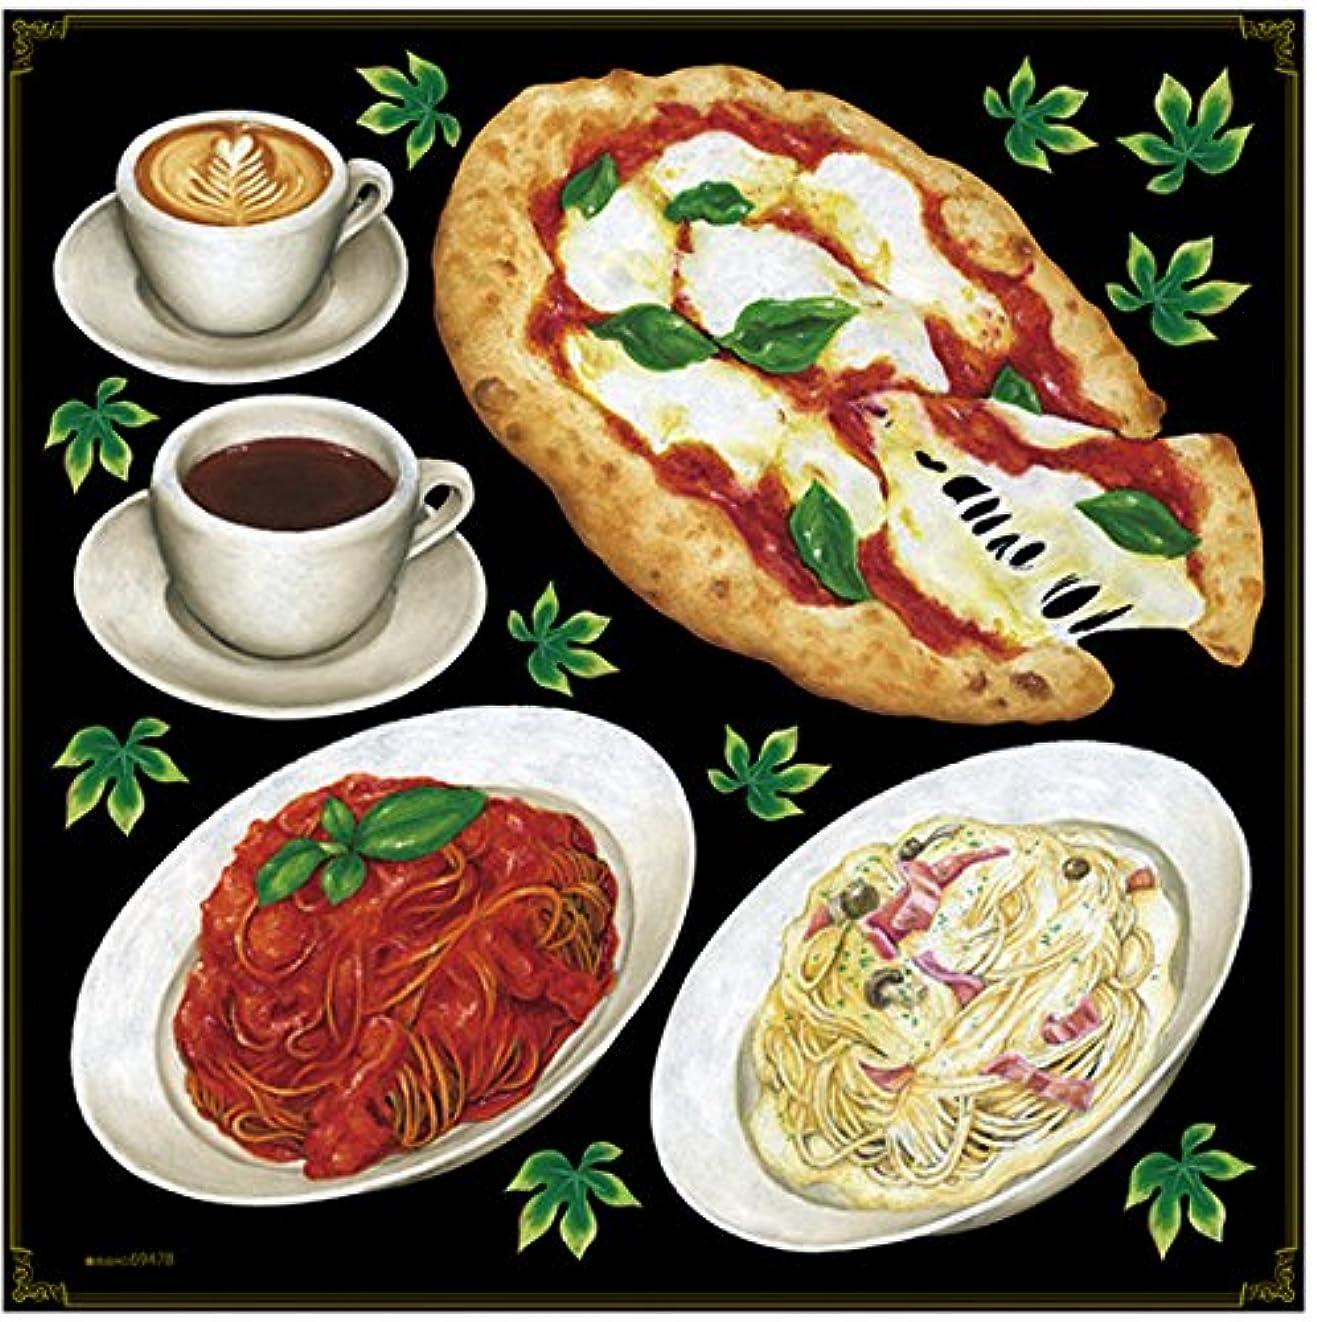 種をまく有名準備するPデコレーションシール 69478 ピザ パスタ コーヒー